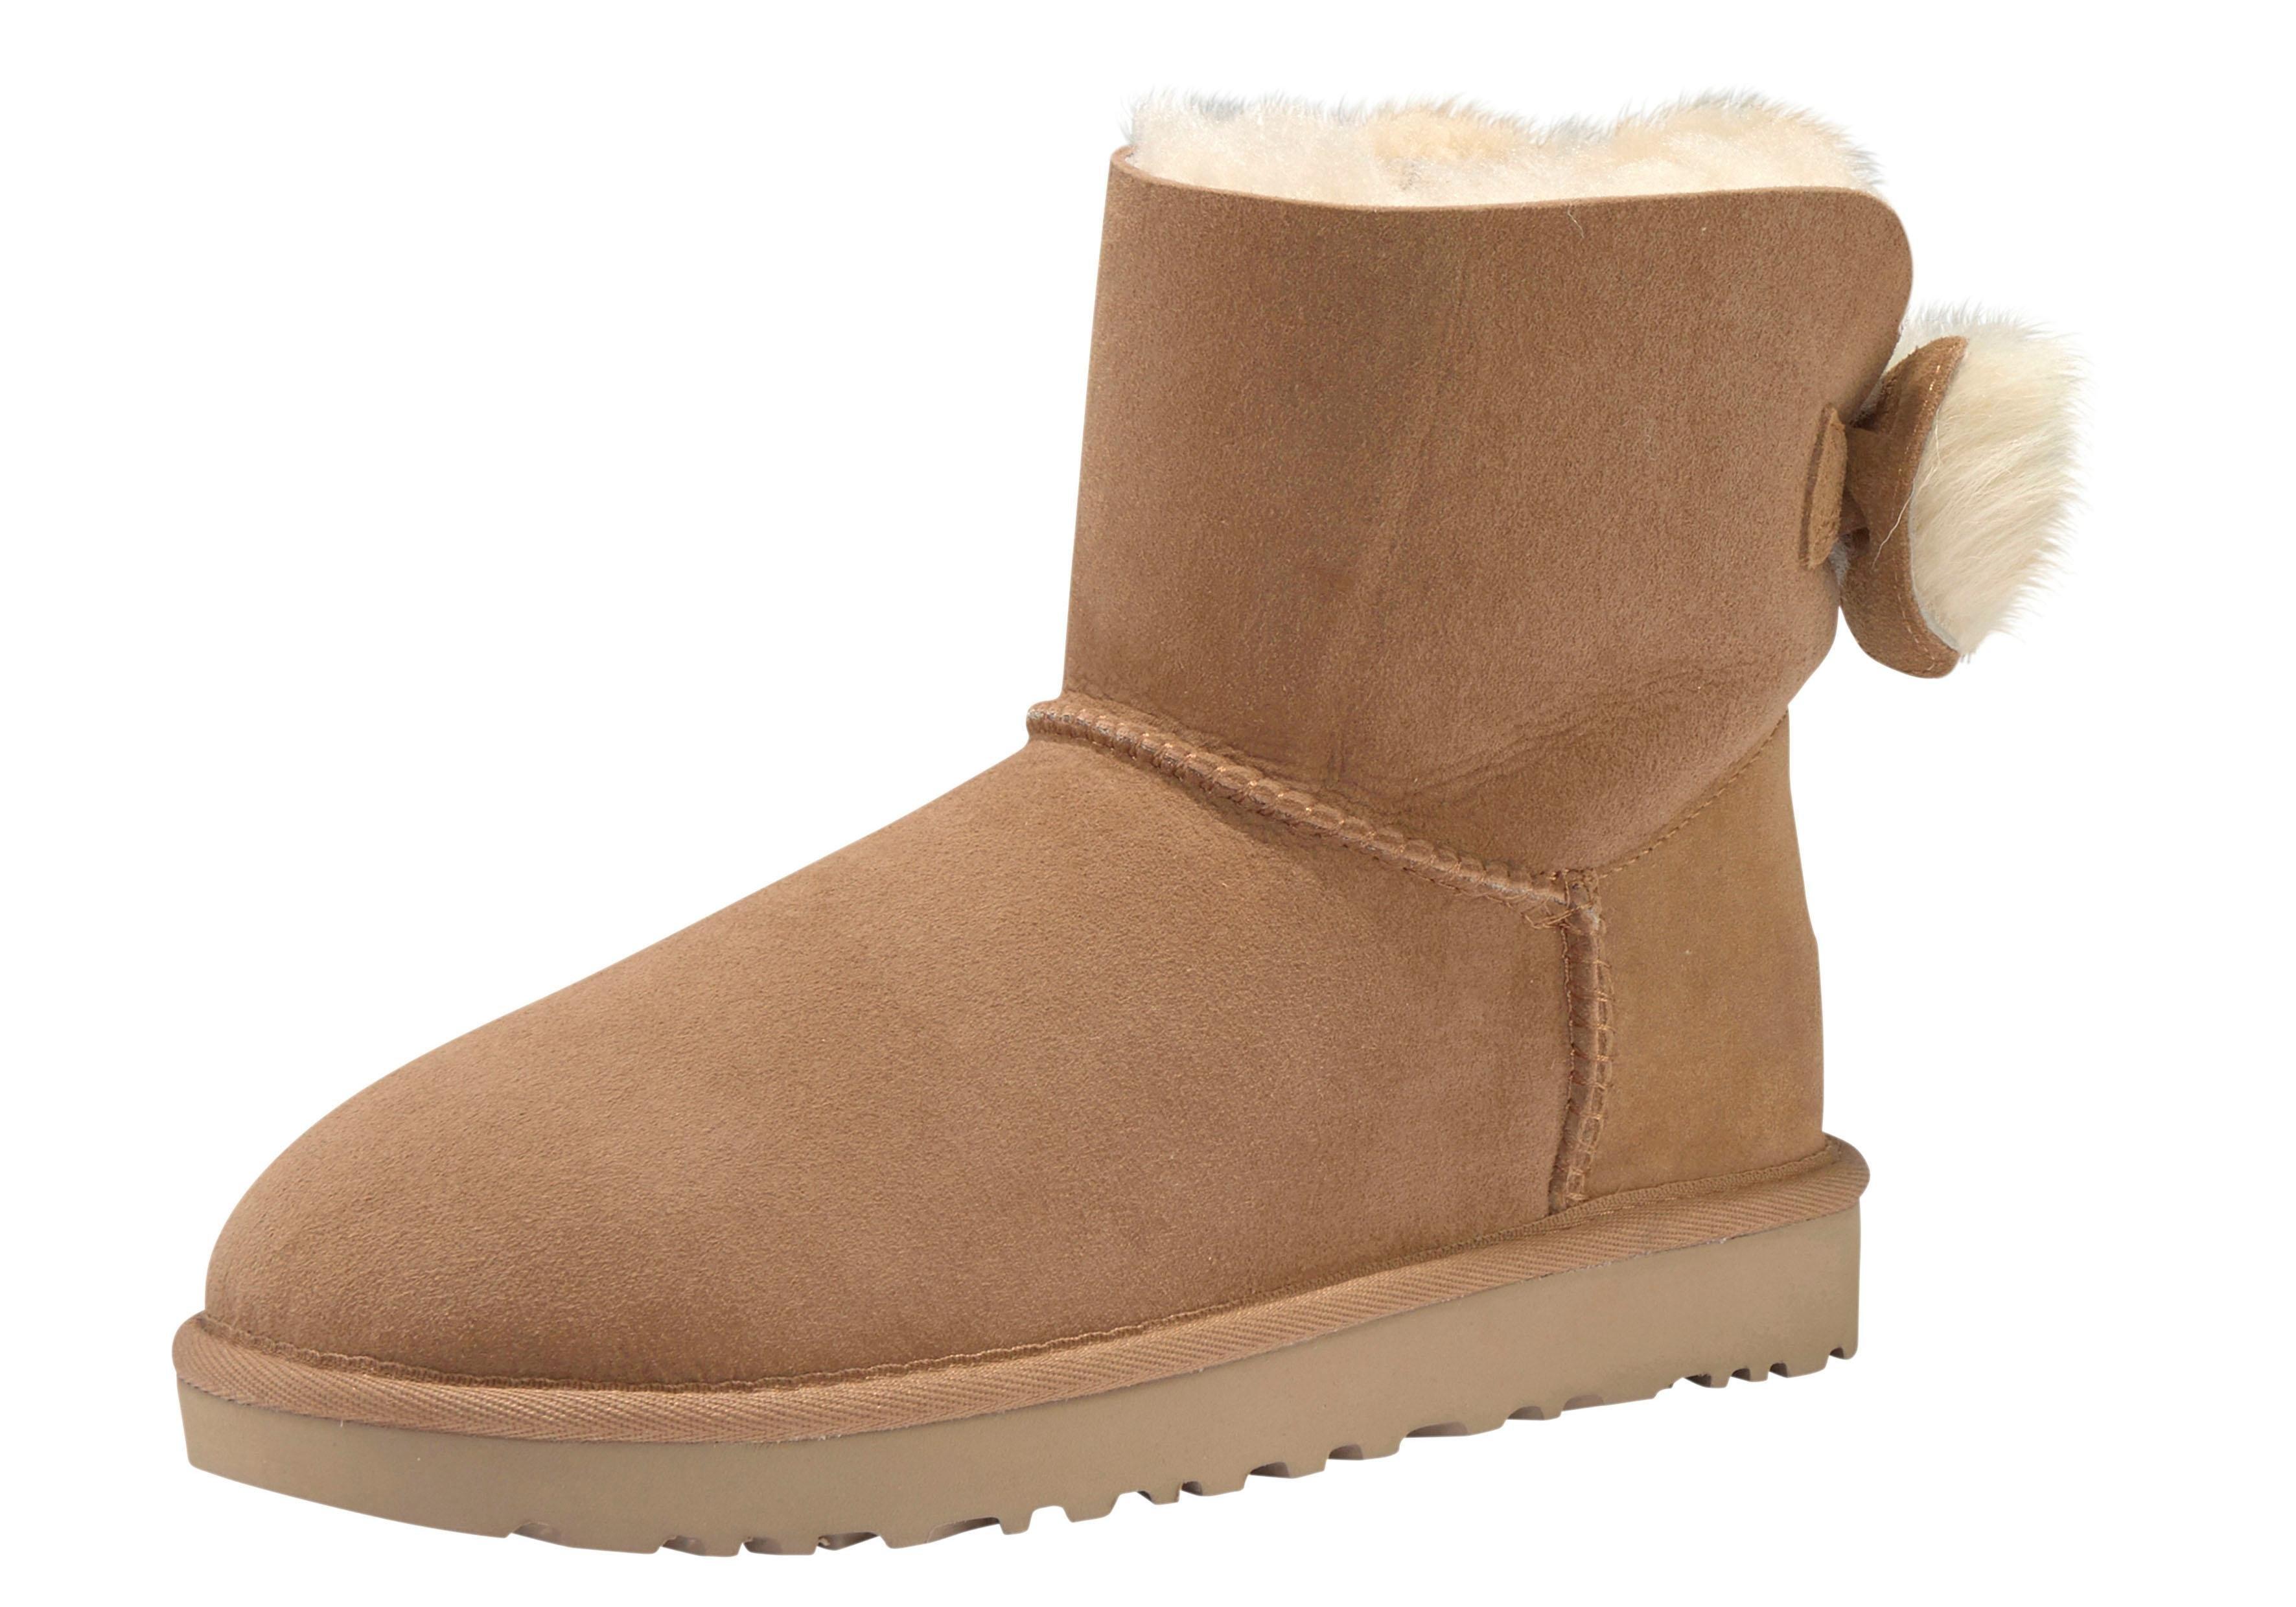 Ugg laarzen zonder sluiting »Fluff Bow Mini« voordelig en veilig online kopen